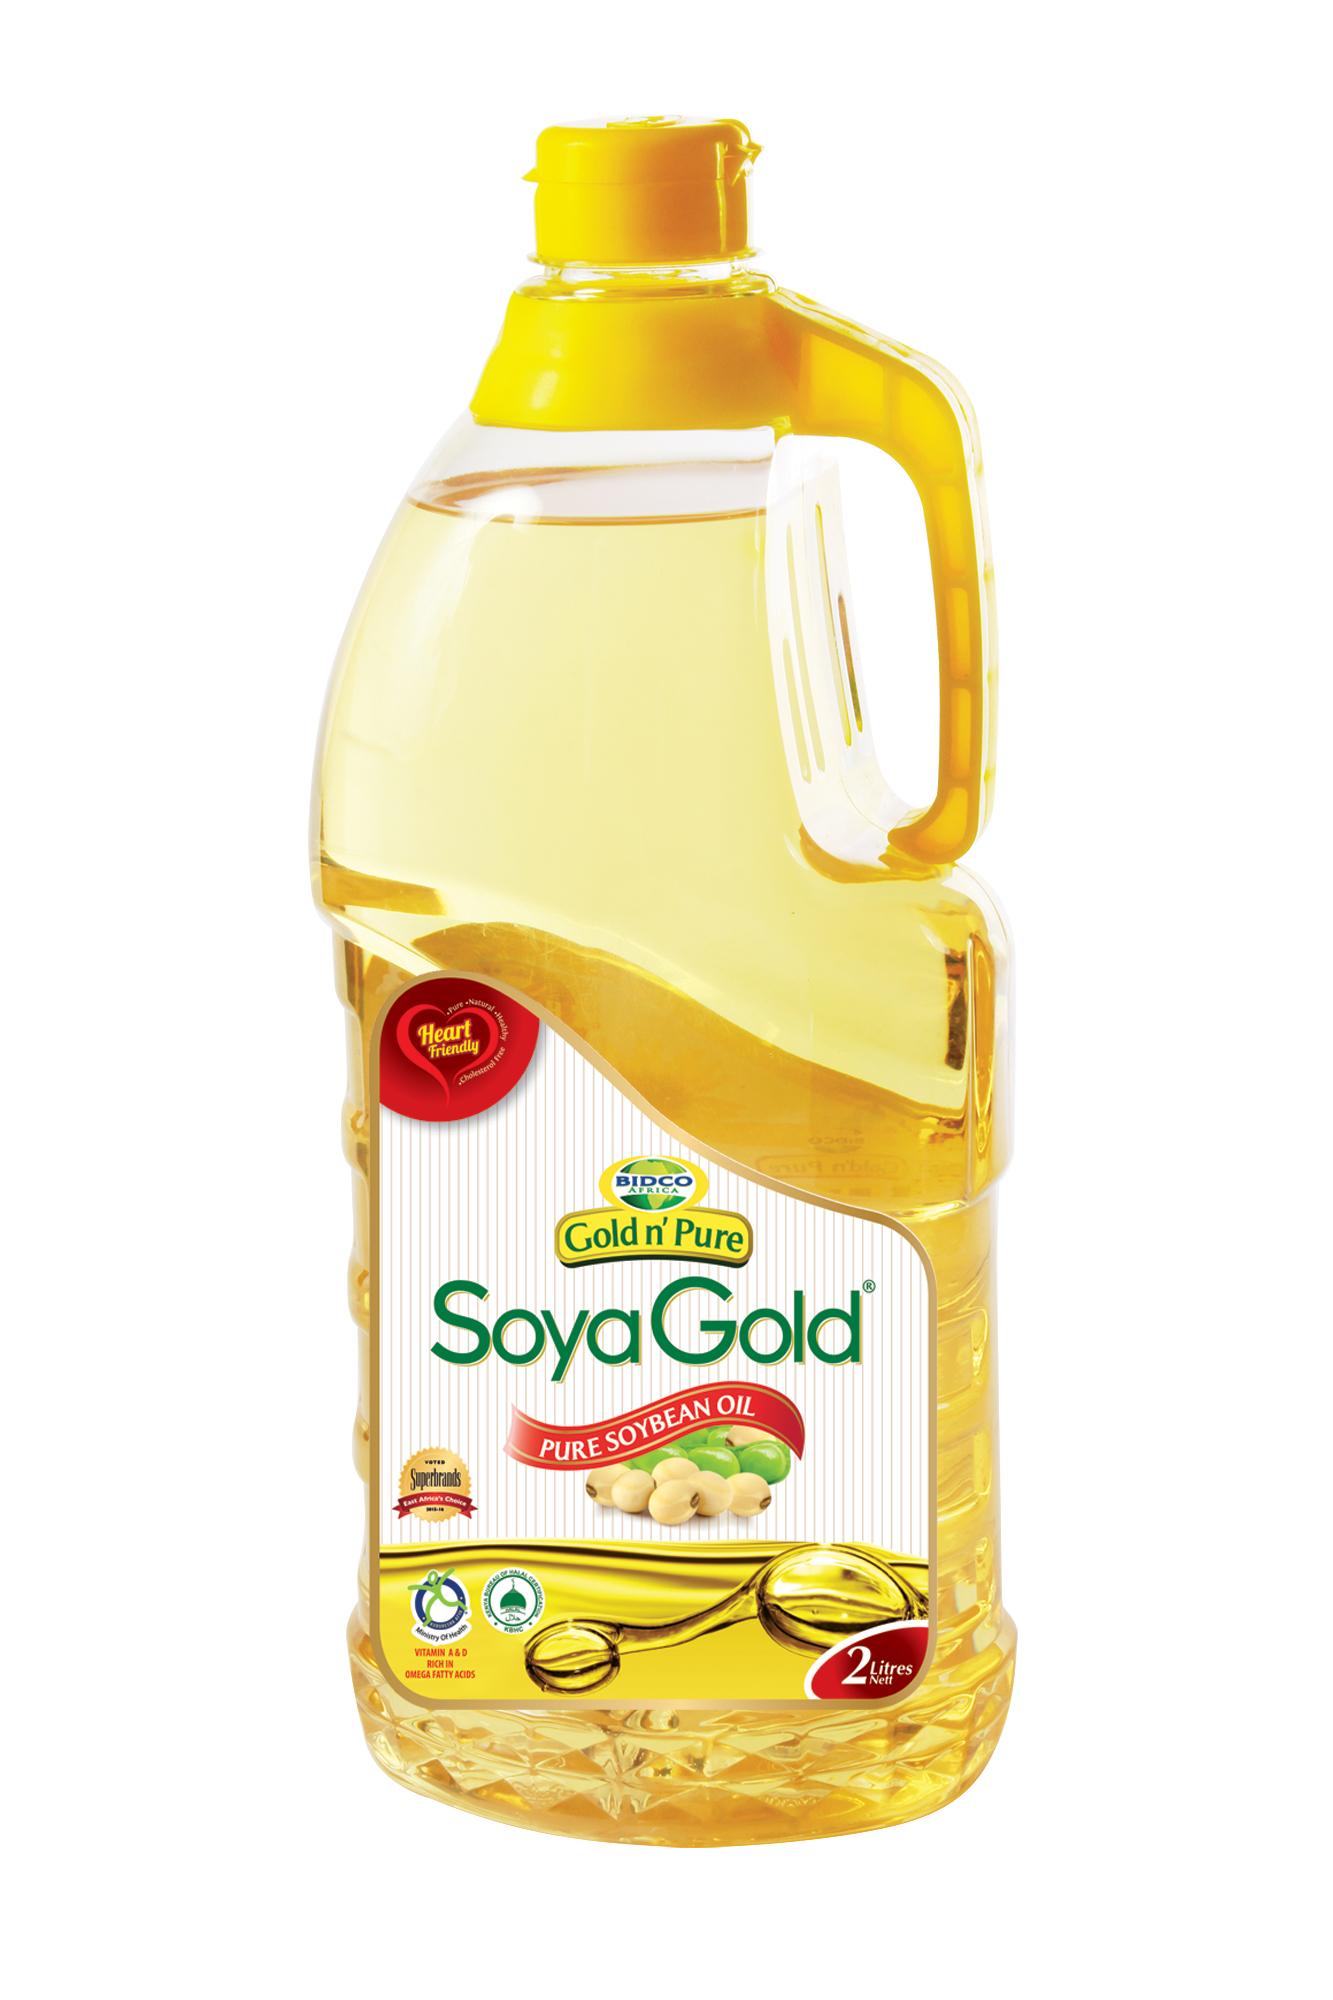 Soya Gold